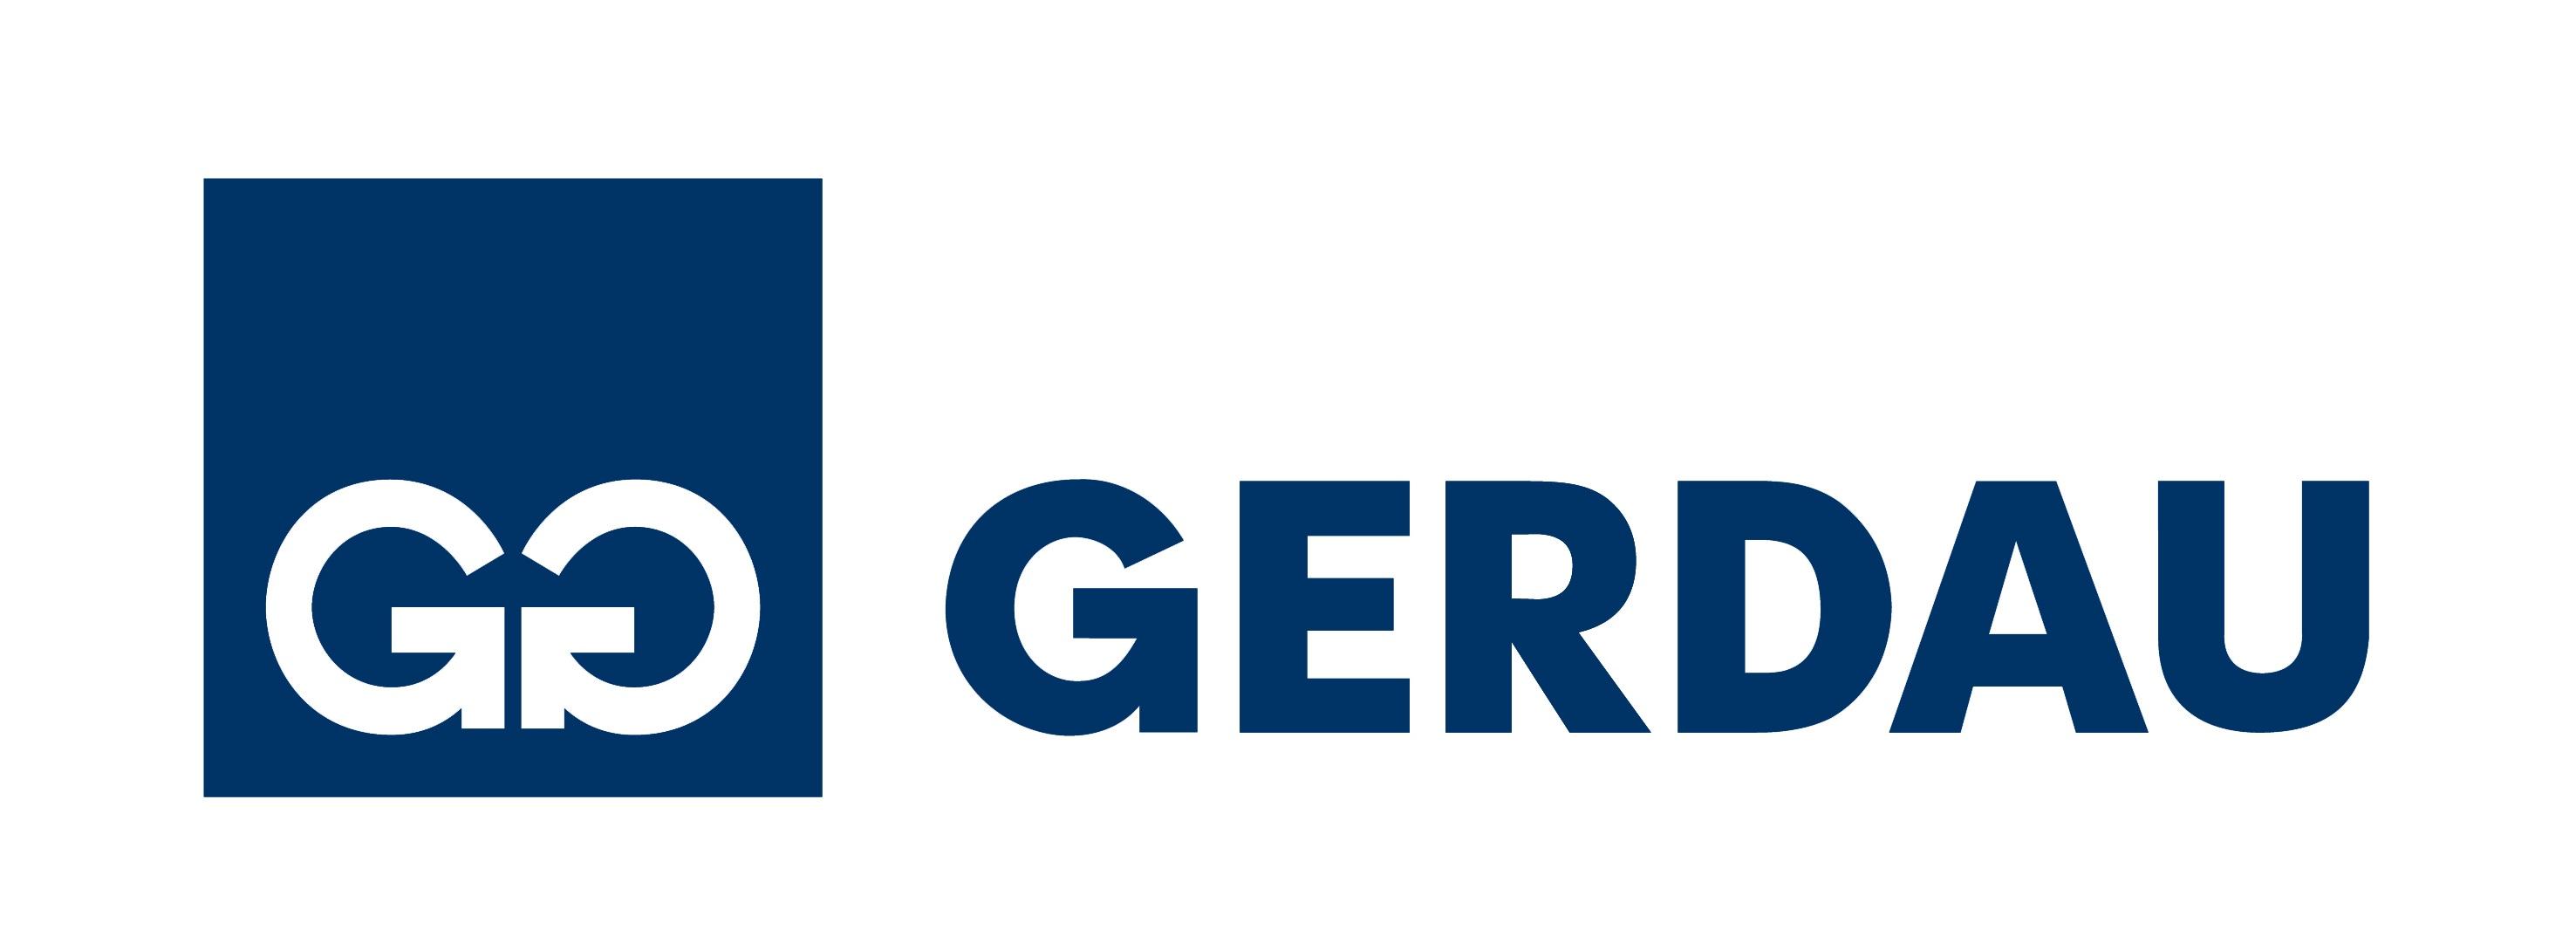 gerdau-logo.jpg